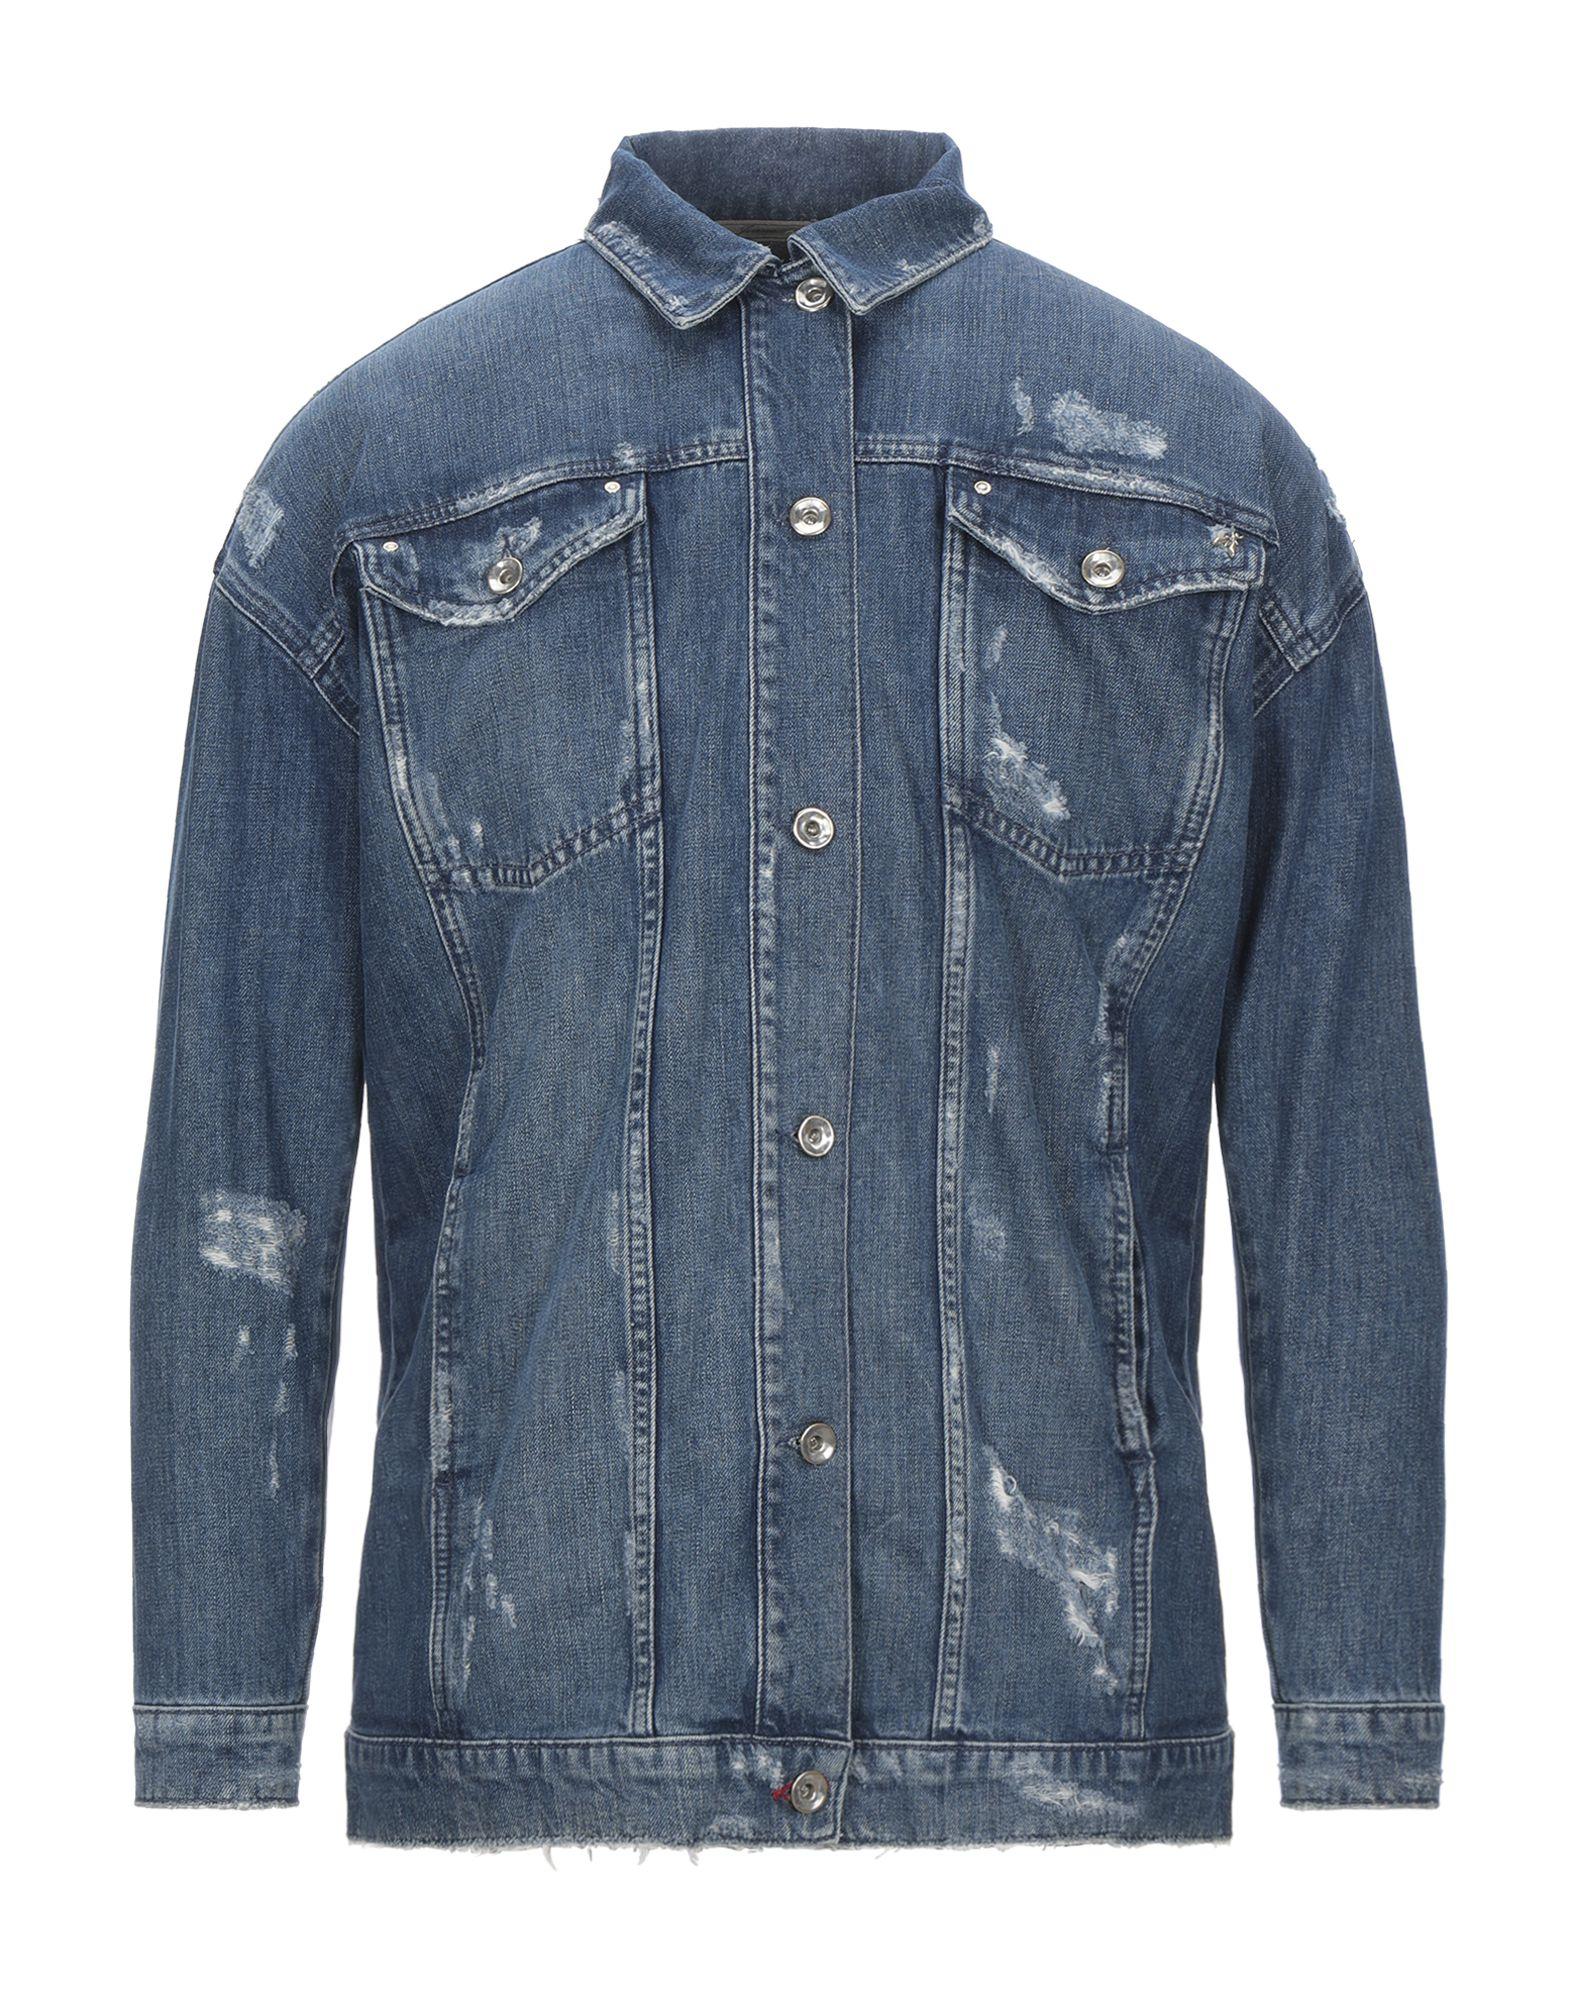 Фото - PEPE JEANS Джинсовая верхняя одежда goldsign джинсовая верхняя одежда